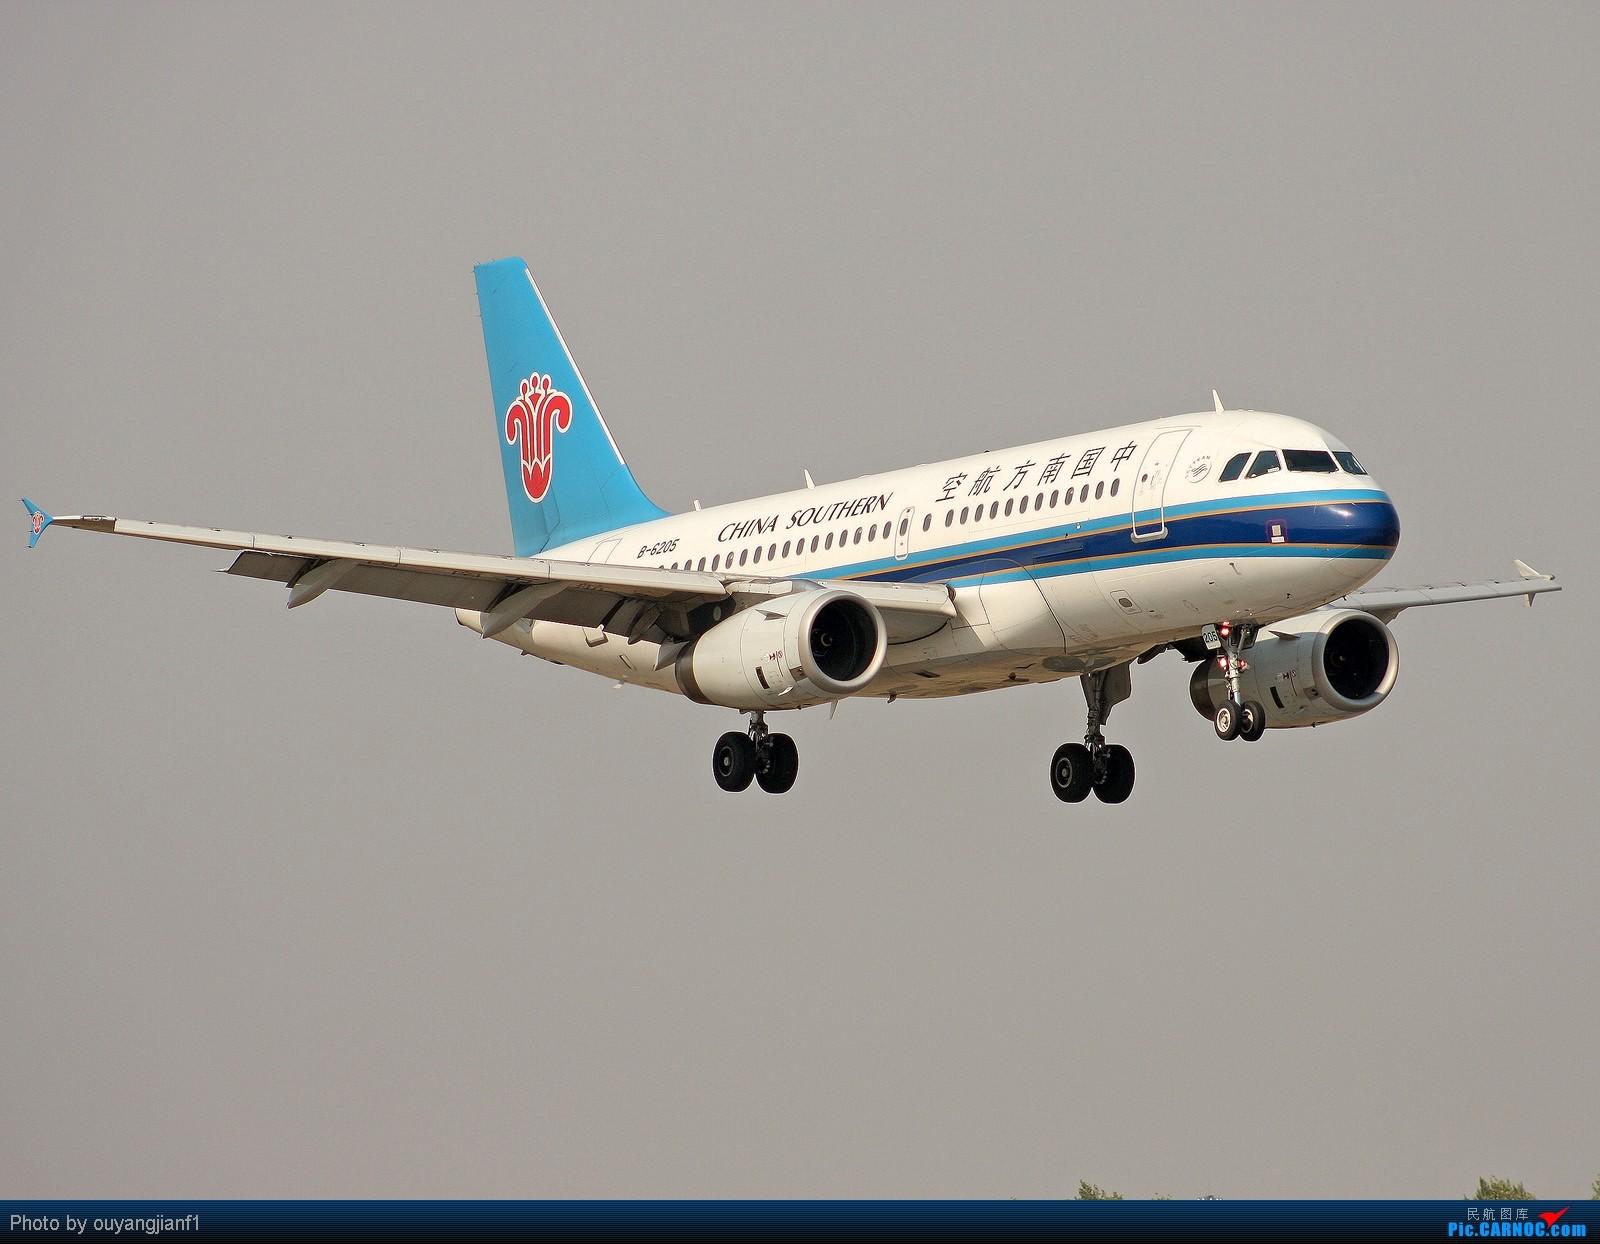 Re:[原创]快有一年没去西跑道了,拍机的感觉已逐渐淡忘,但是只要心中有梦,手中有单反,一切皆有可能! AIRBUS A319-100 B-6205 北京